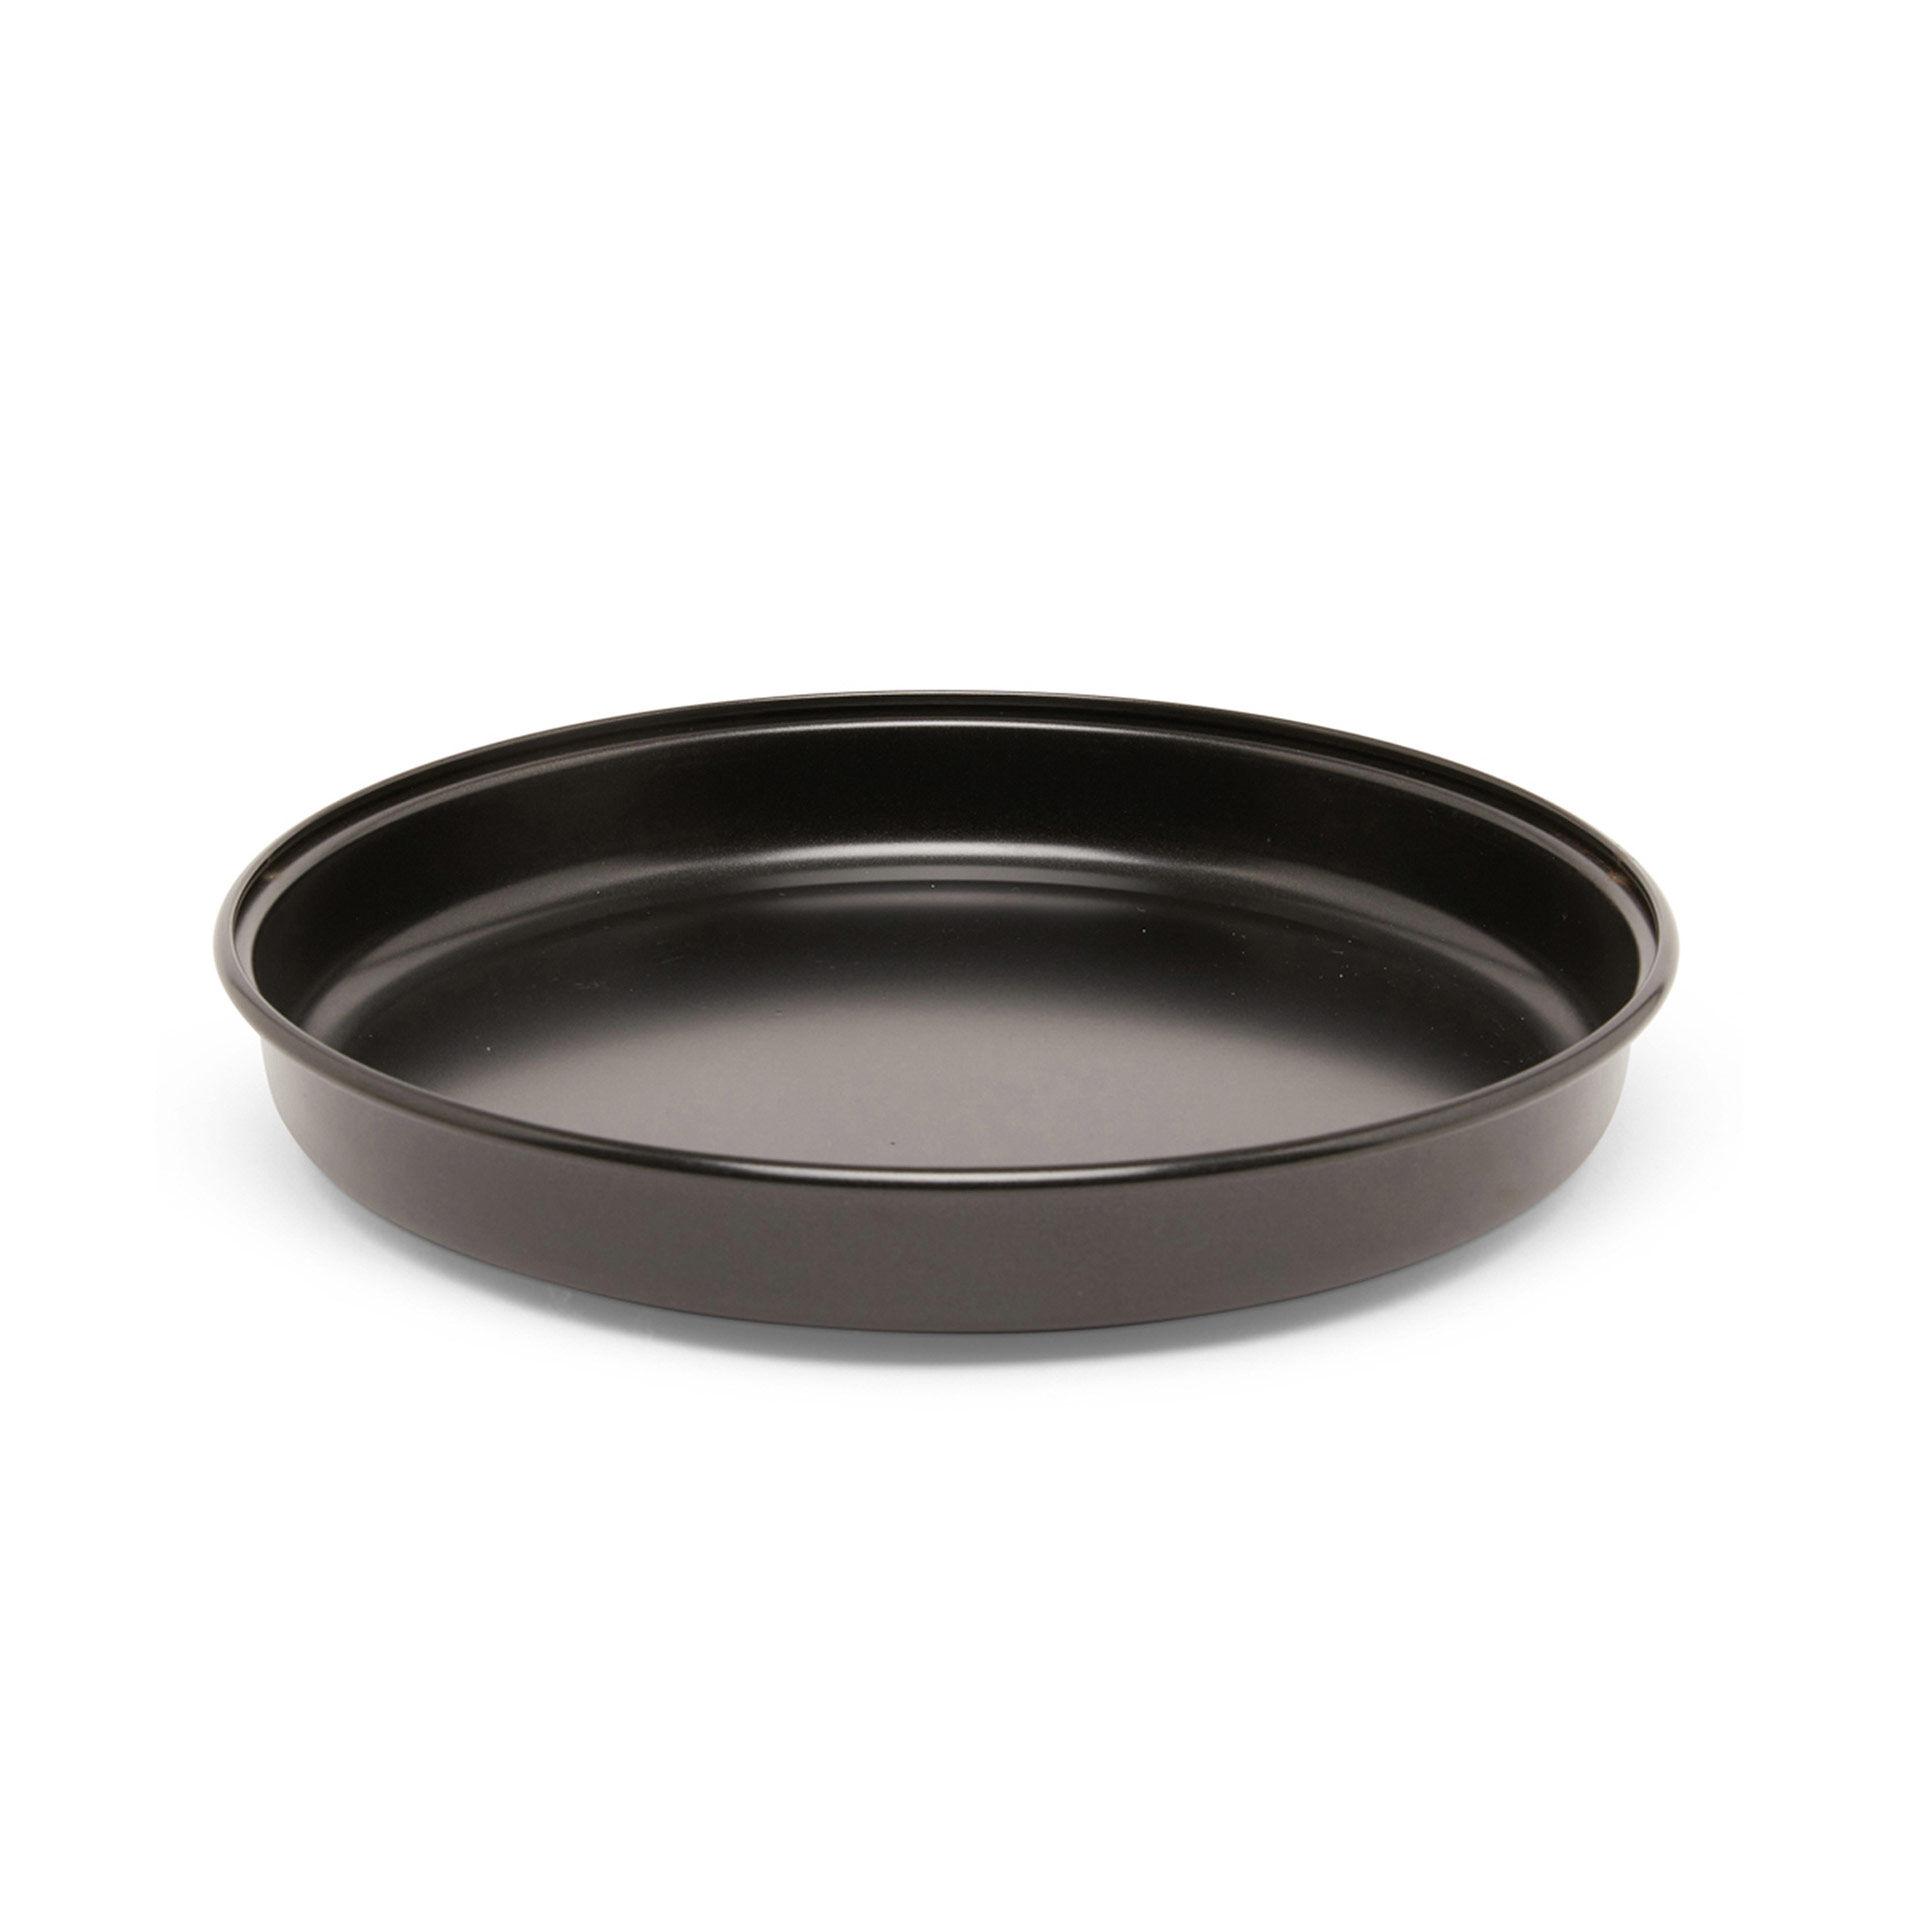 Poêle pour la cuisson au micro-ondes, , large